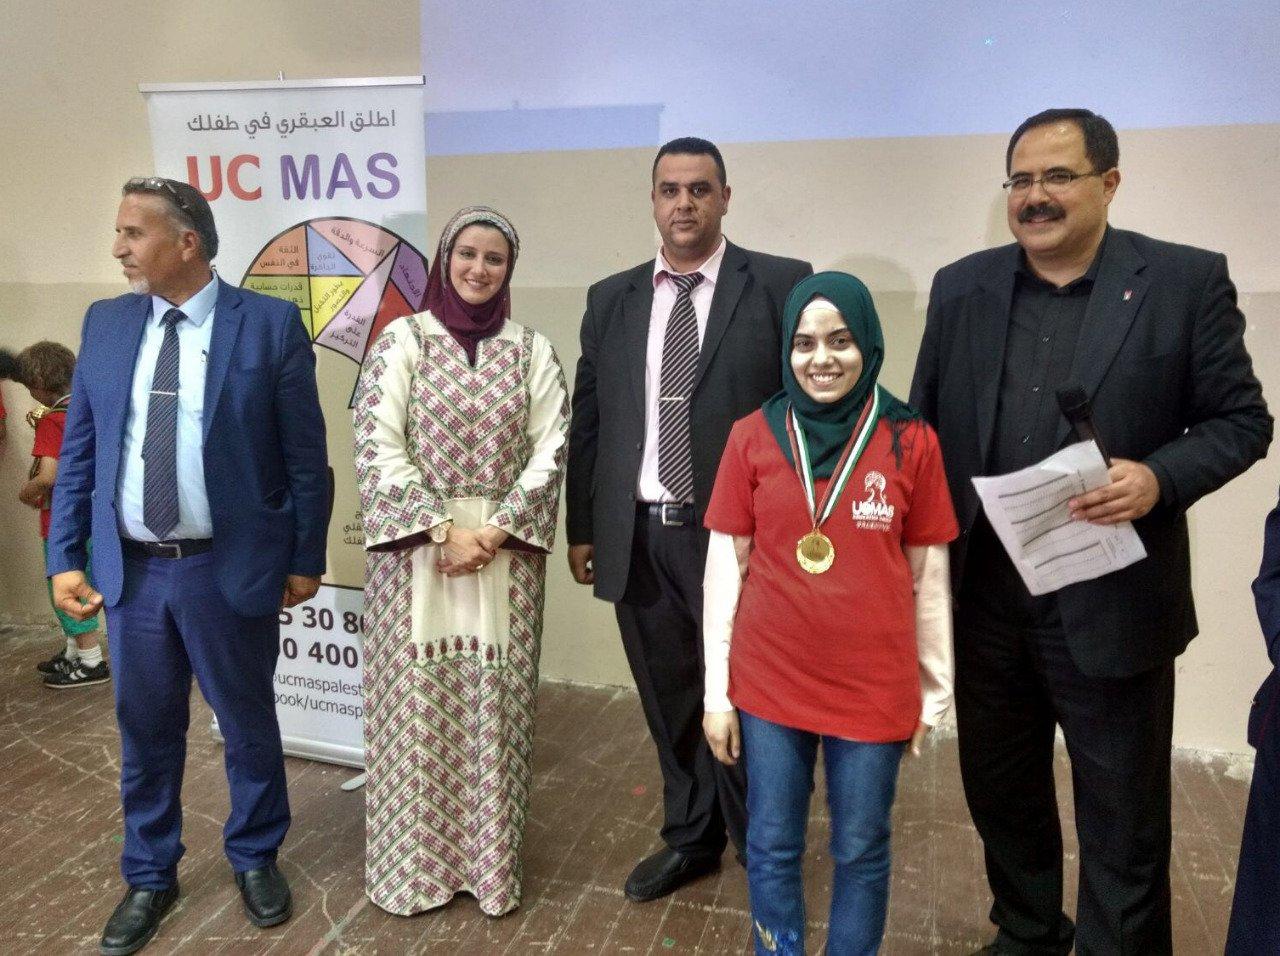 10 طلبة فلسطينيين يتأهبون للمنافسة عالمياً في مسابقة الحساب الذهني